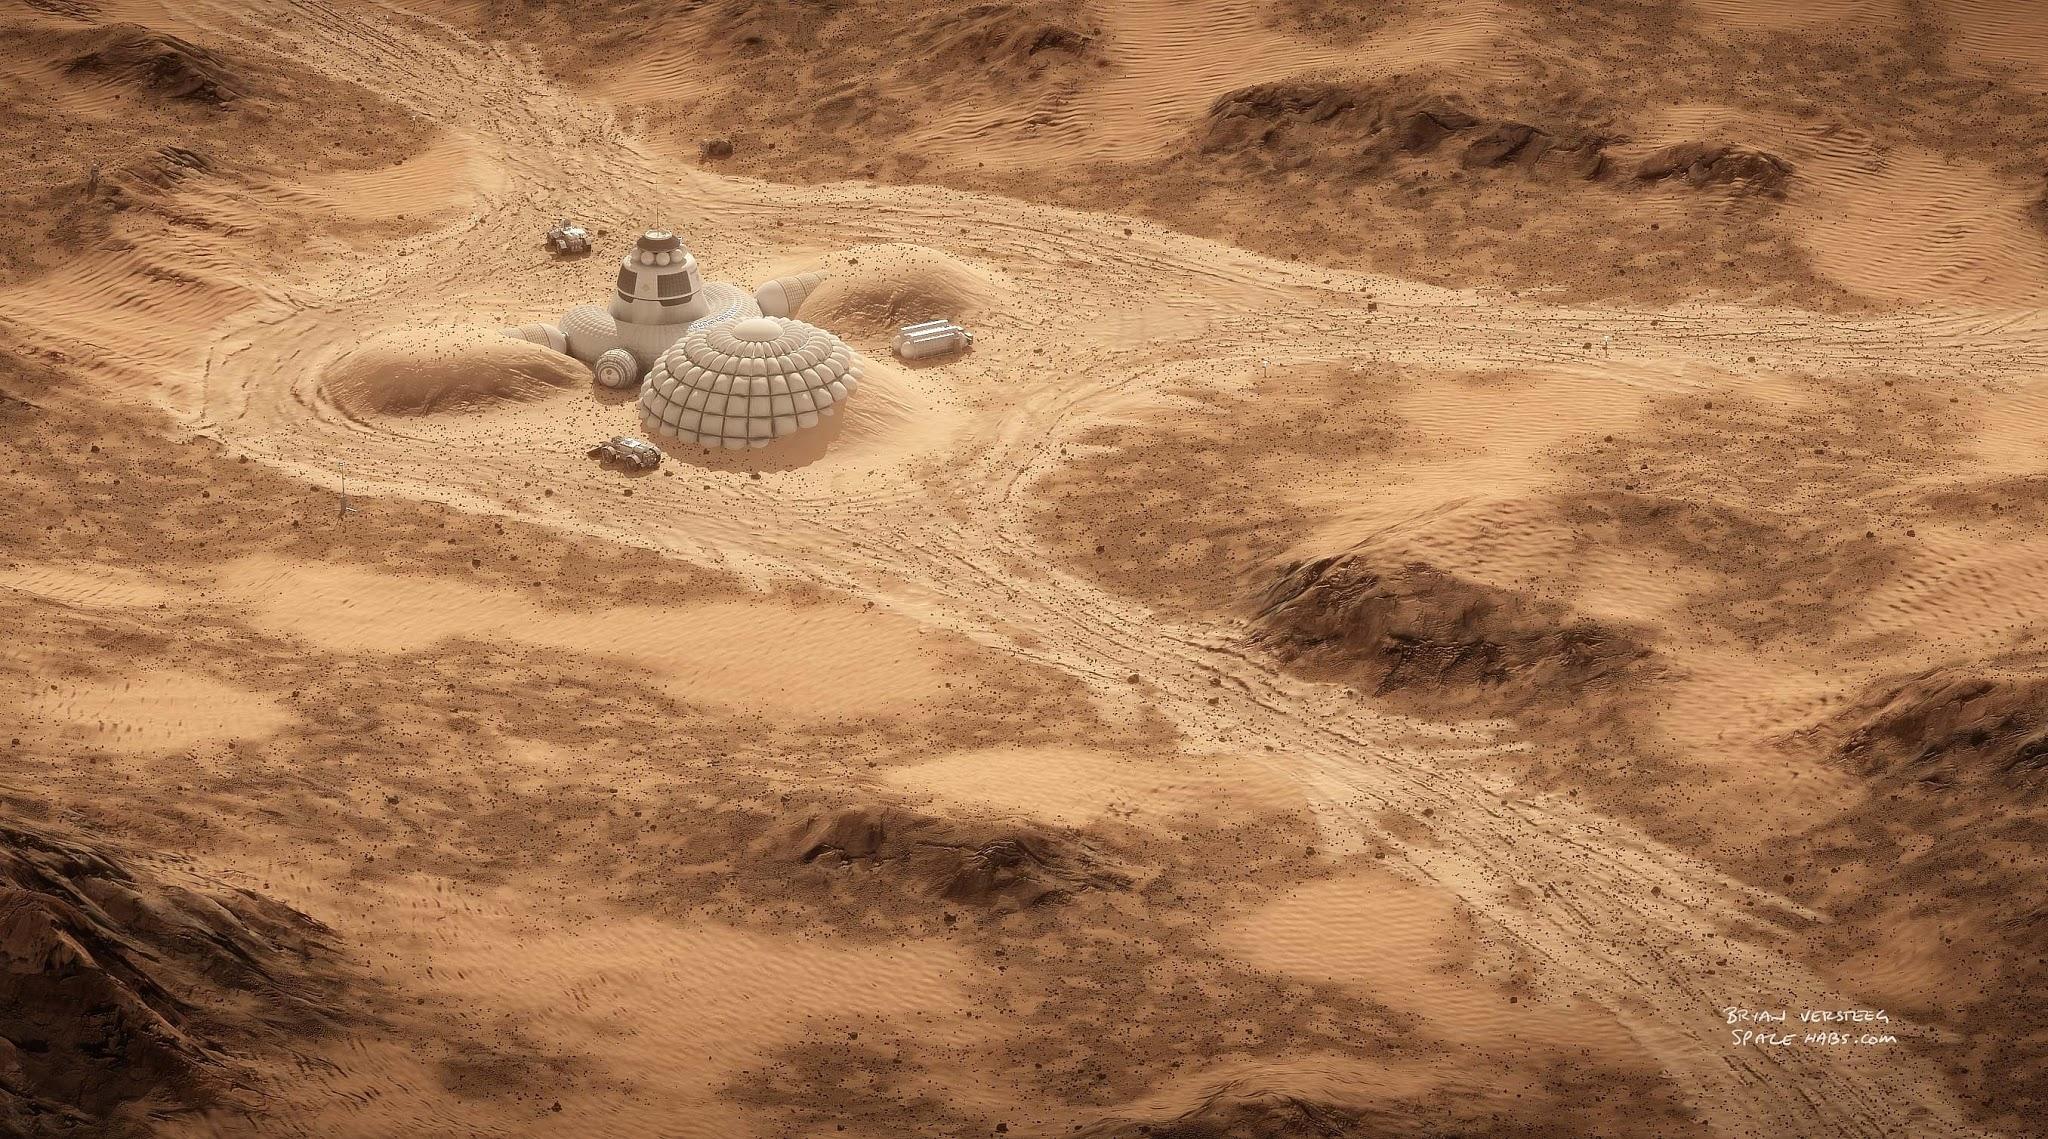 Mars+base+2-03+by+Bryan+Versteeg+%252820